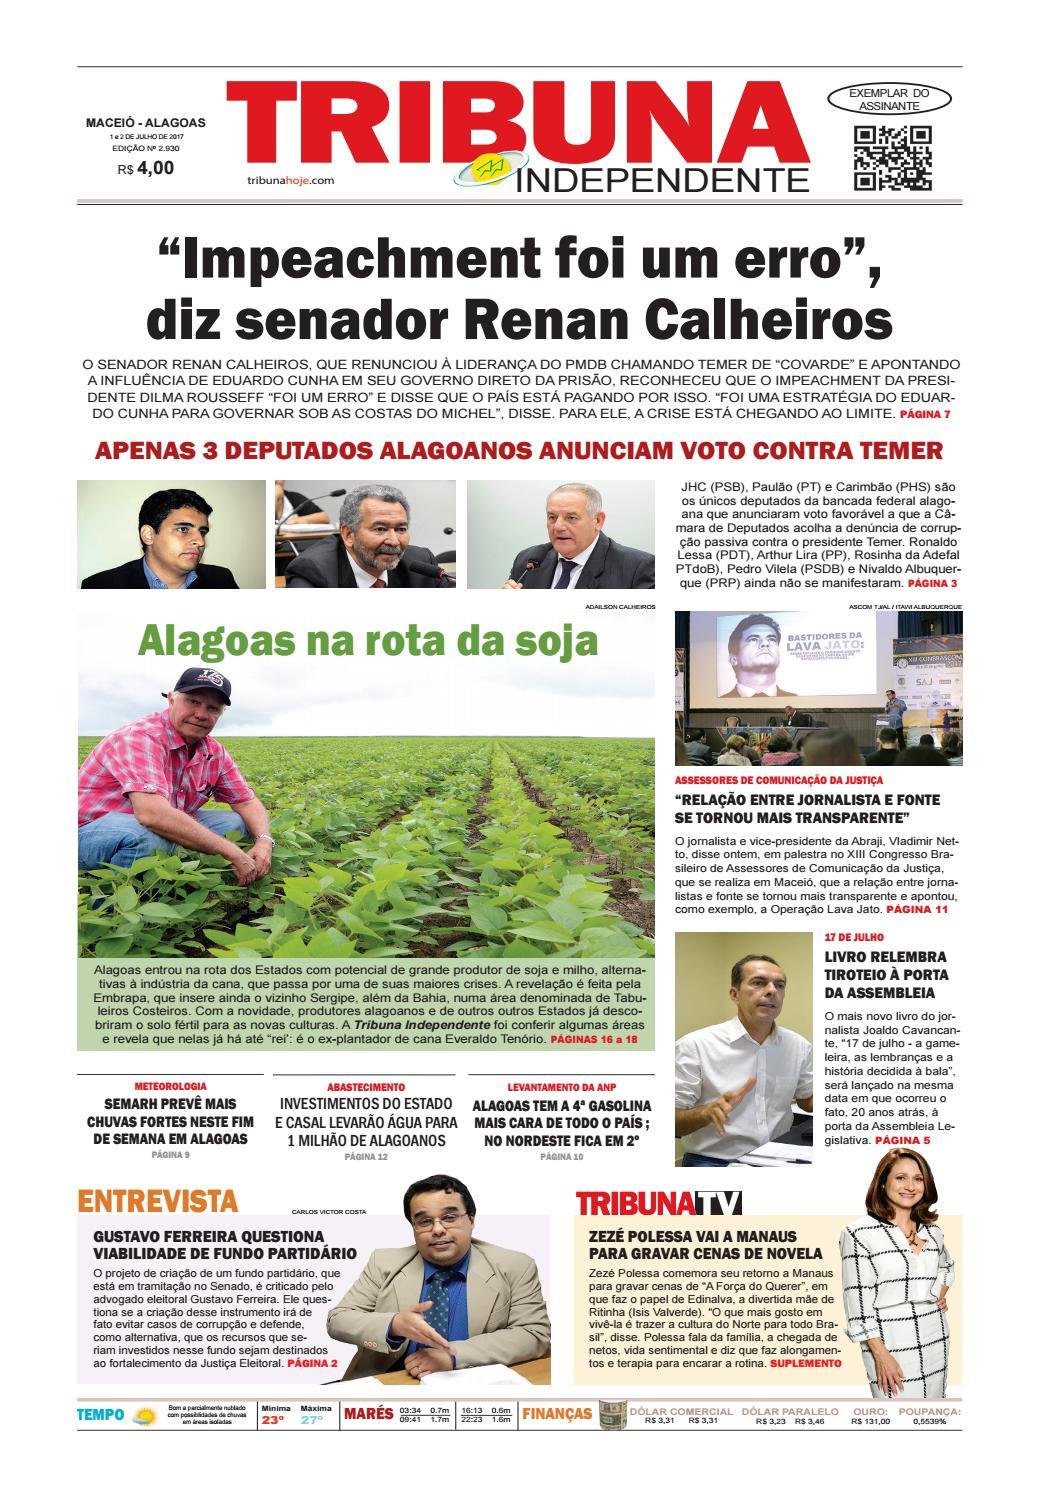 35cc0aa1780f5 Edição número 2930 - 1 e 2 de julho de 2017 by Tribuna Hoje - issuu